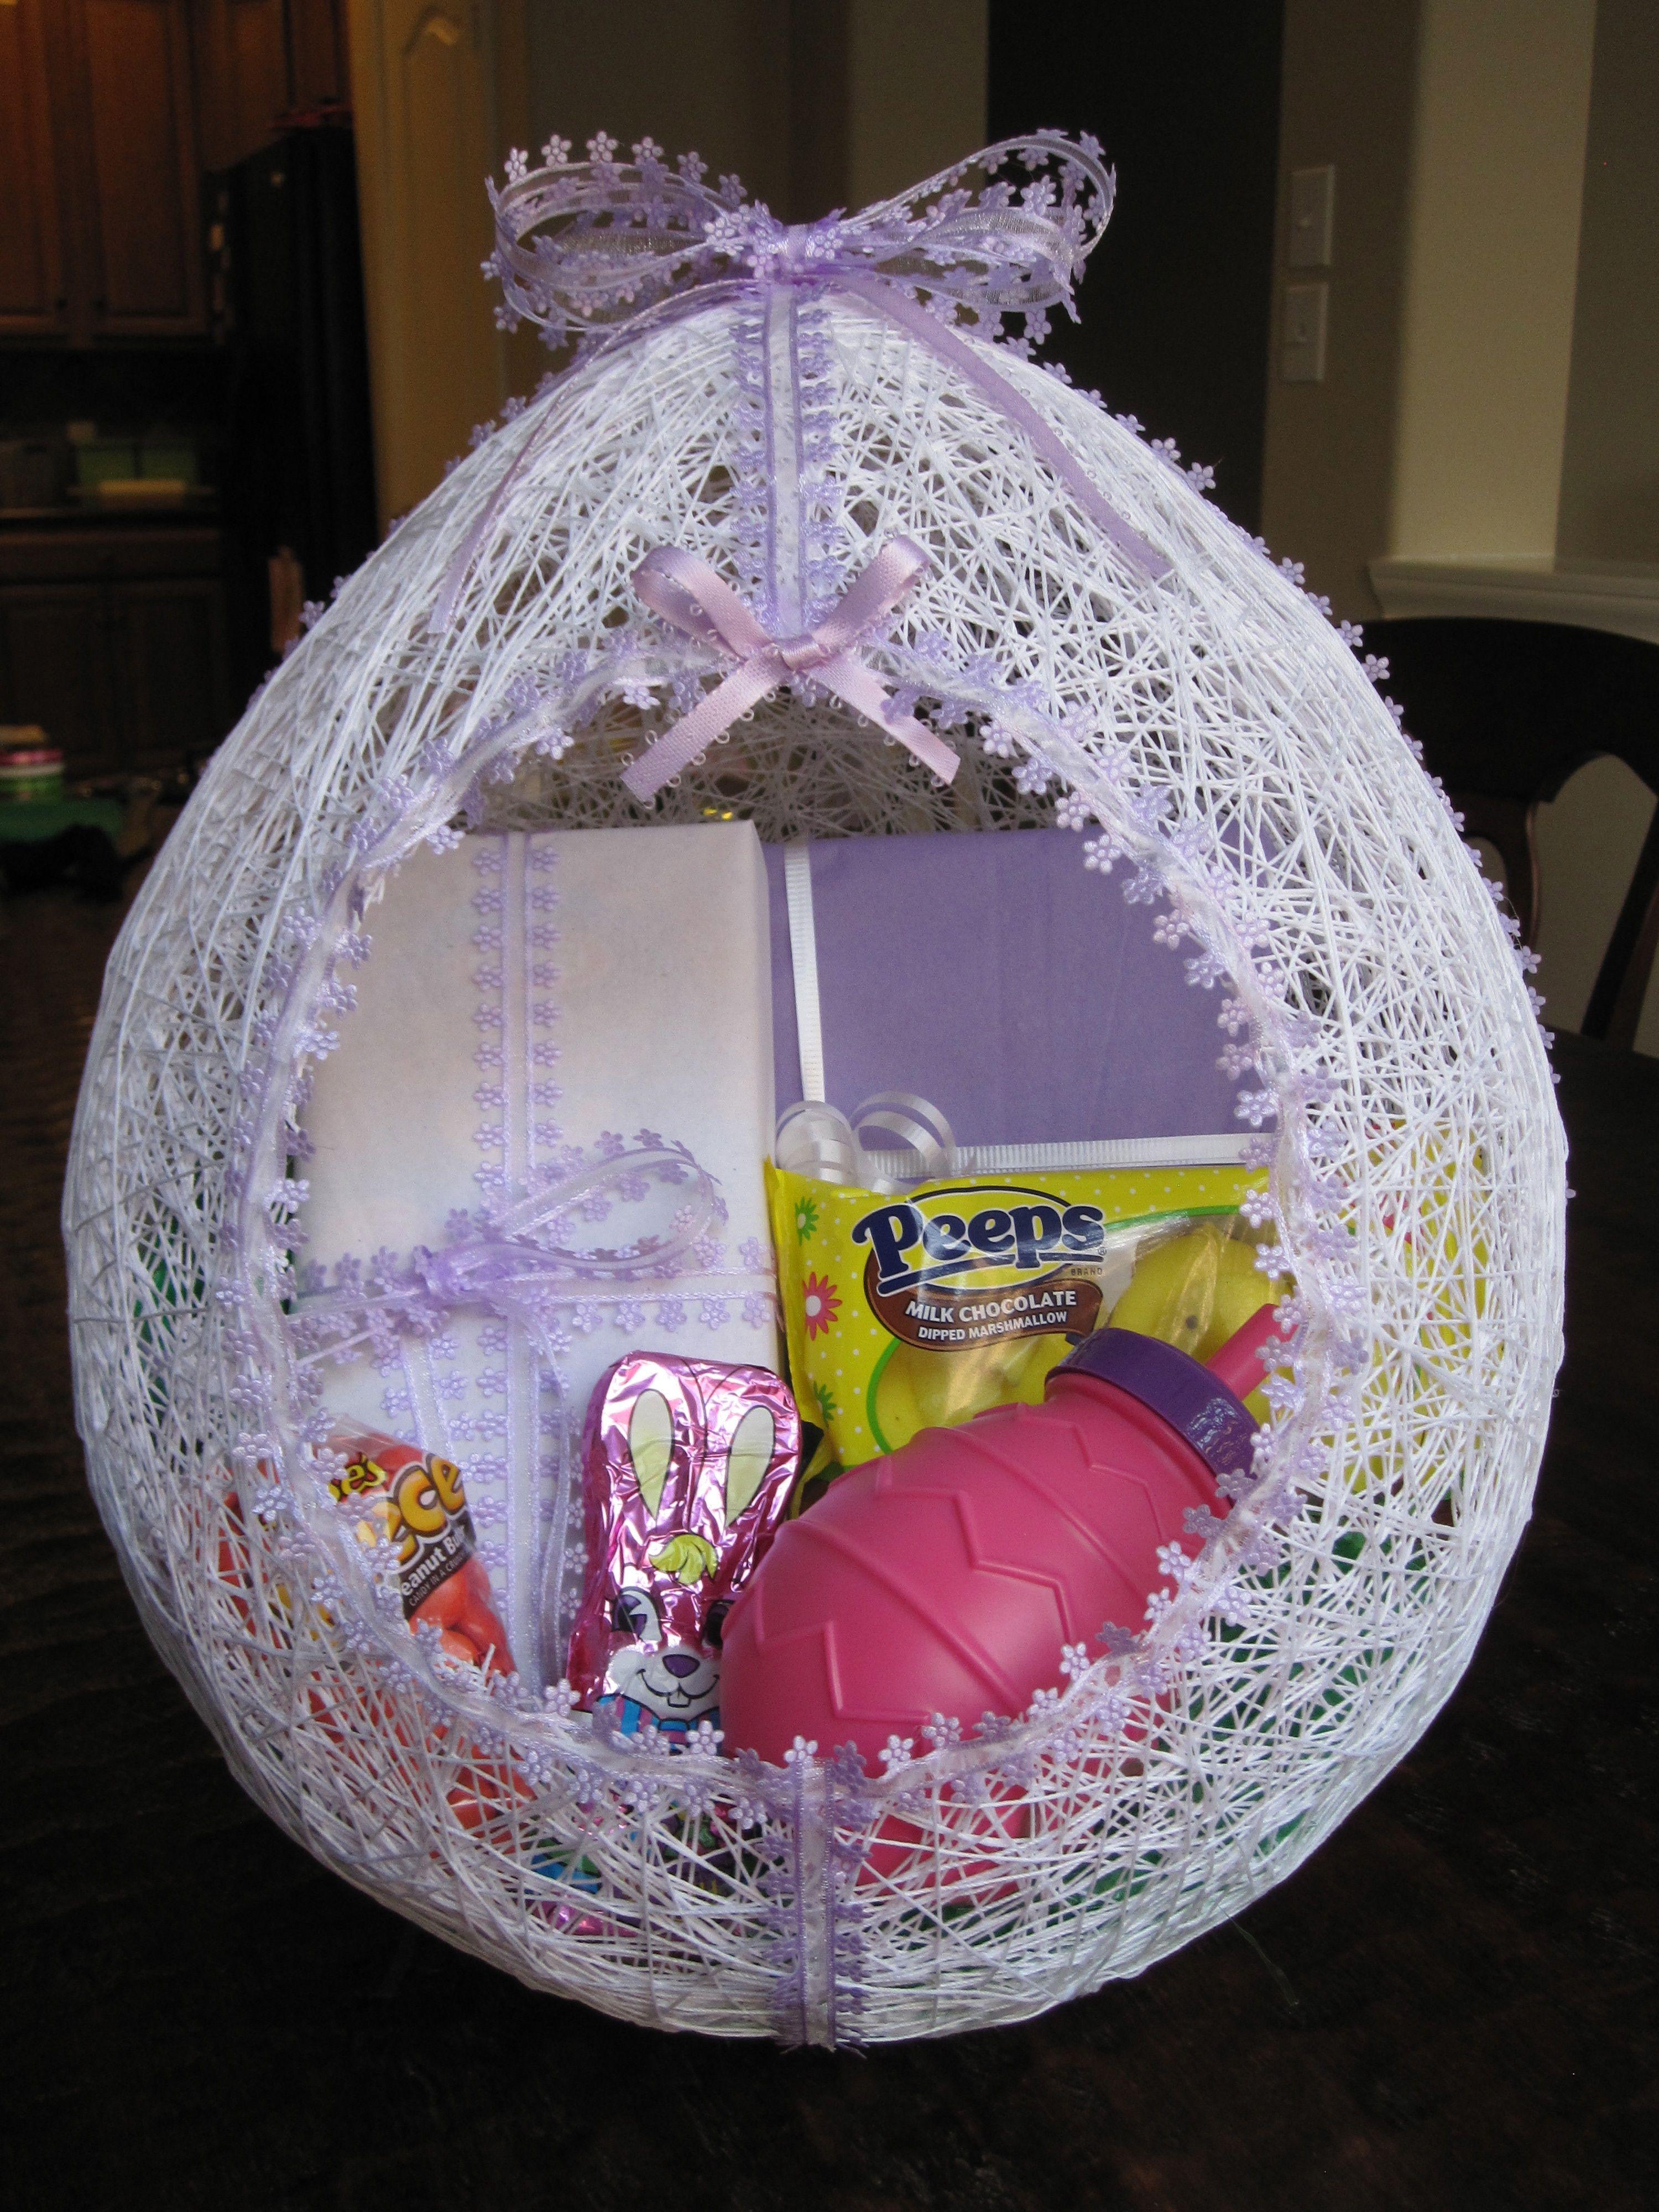 Egg shape mantel rosa